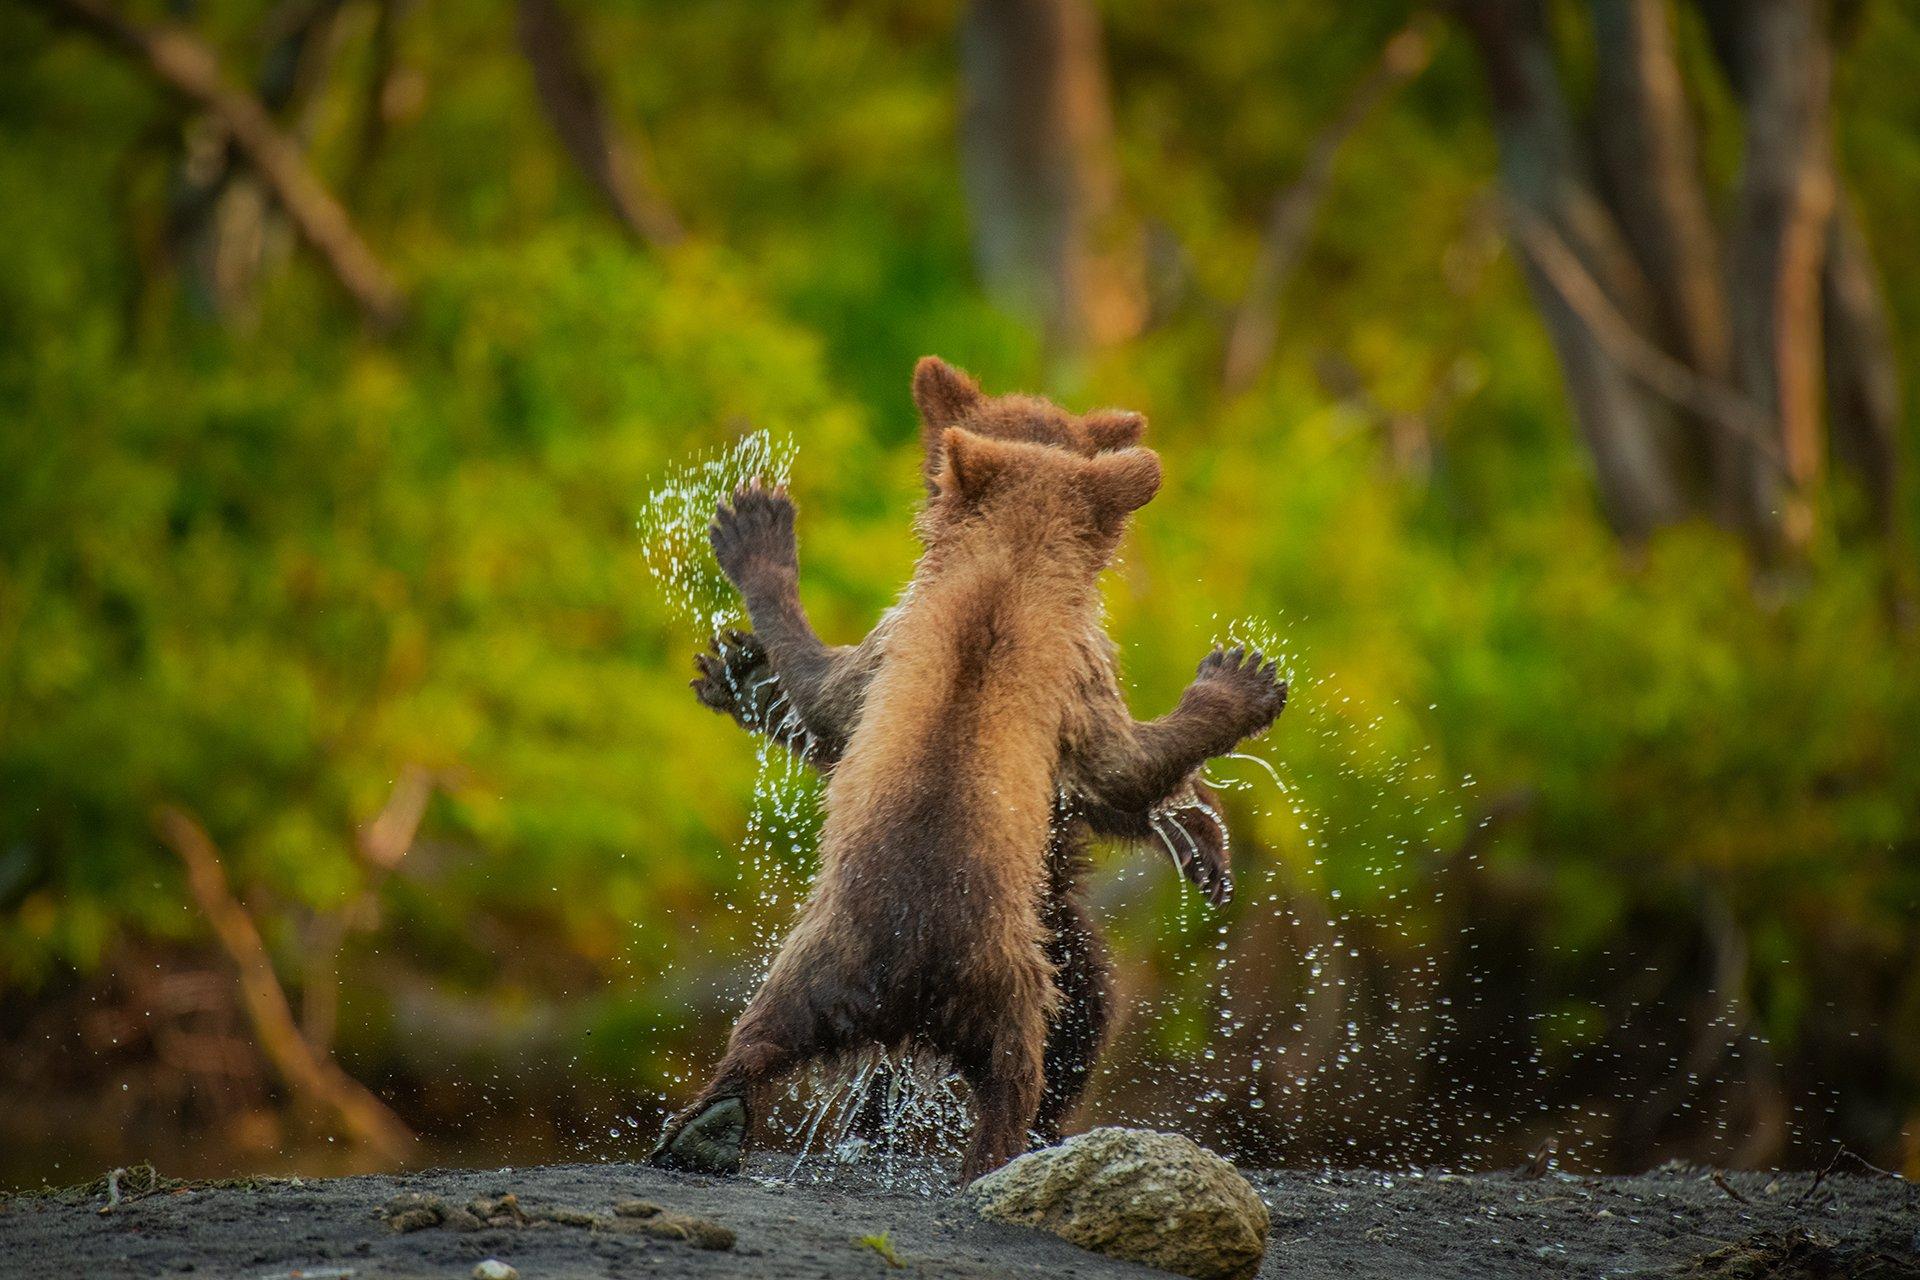 아기불곰 두 마리가 급류를 건넌 뒤 장난하고 있는 모습. [©Andy Parkinson/Comedywildlifephoto.com]